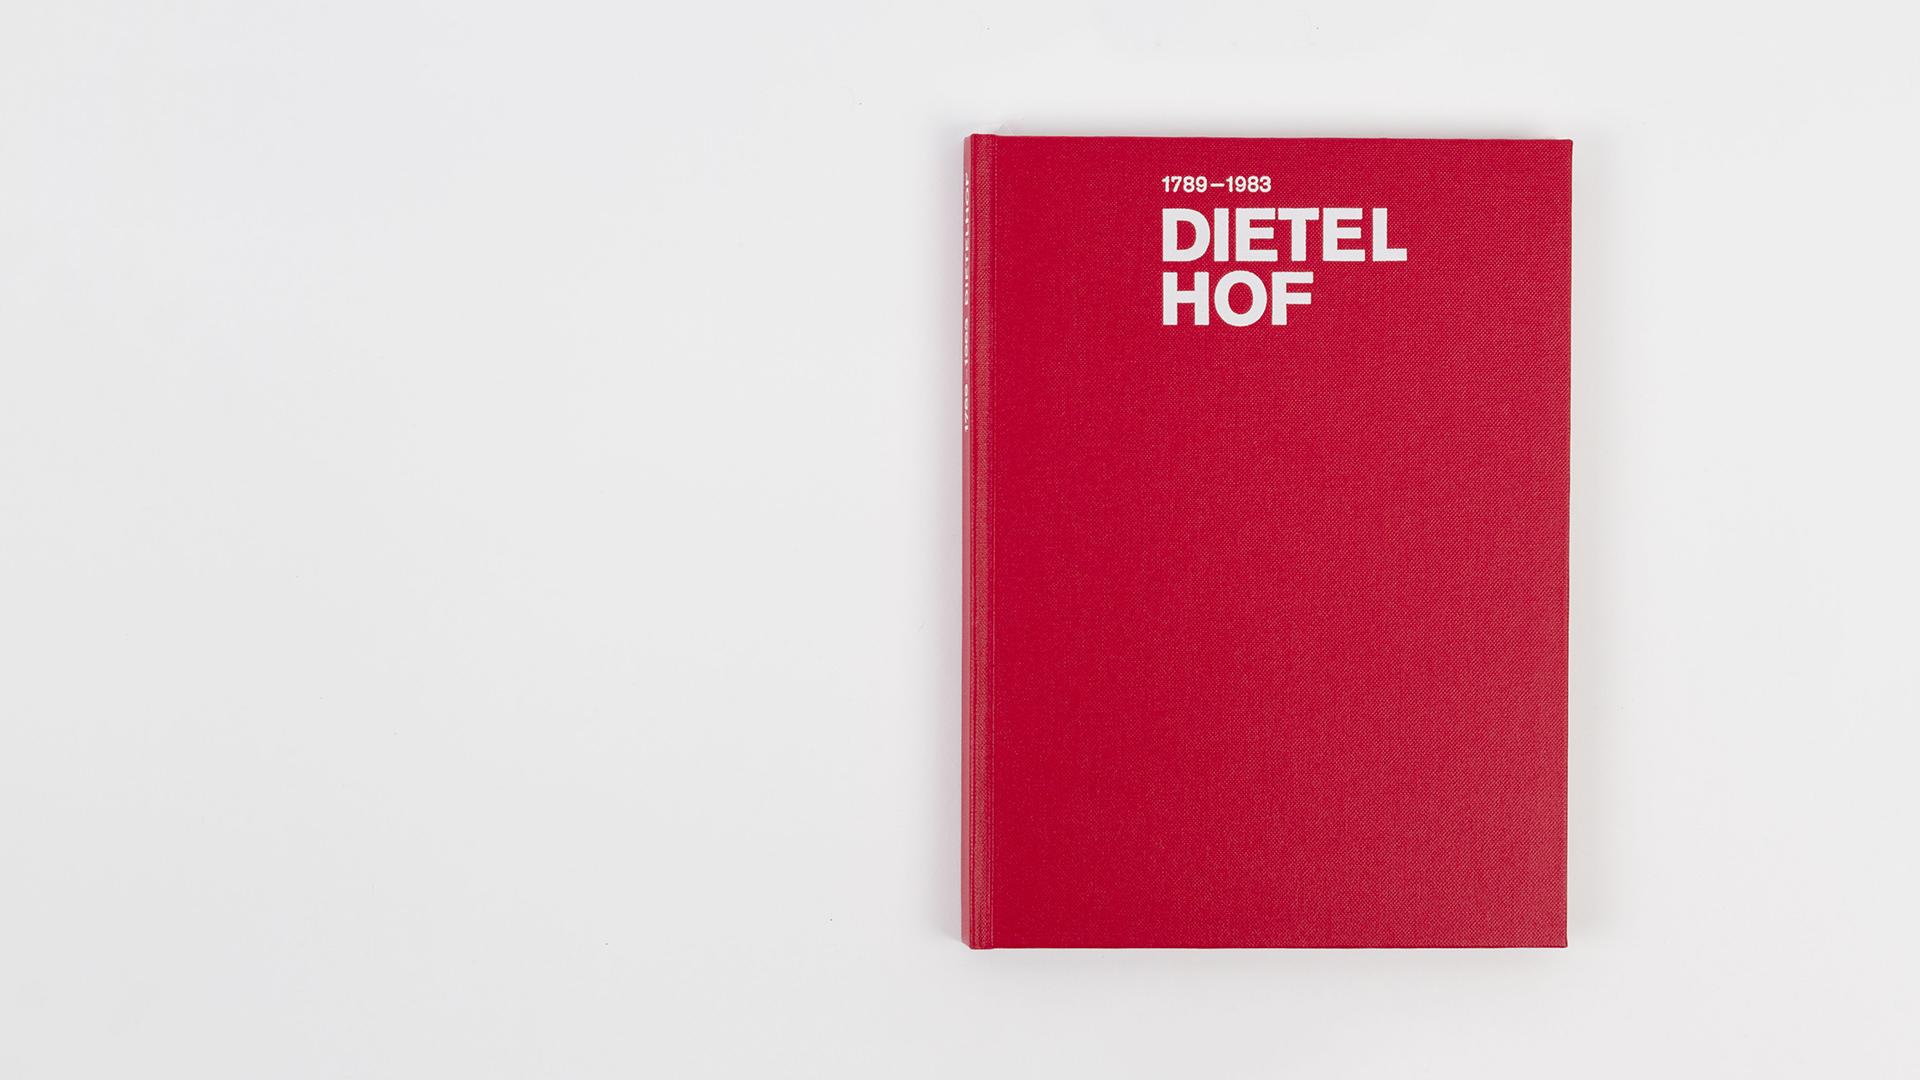 Dietelhof